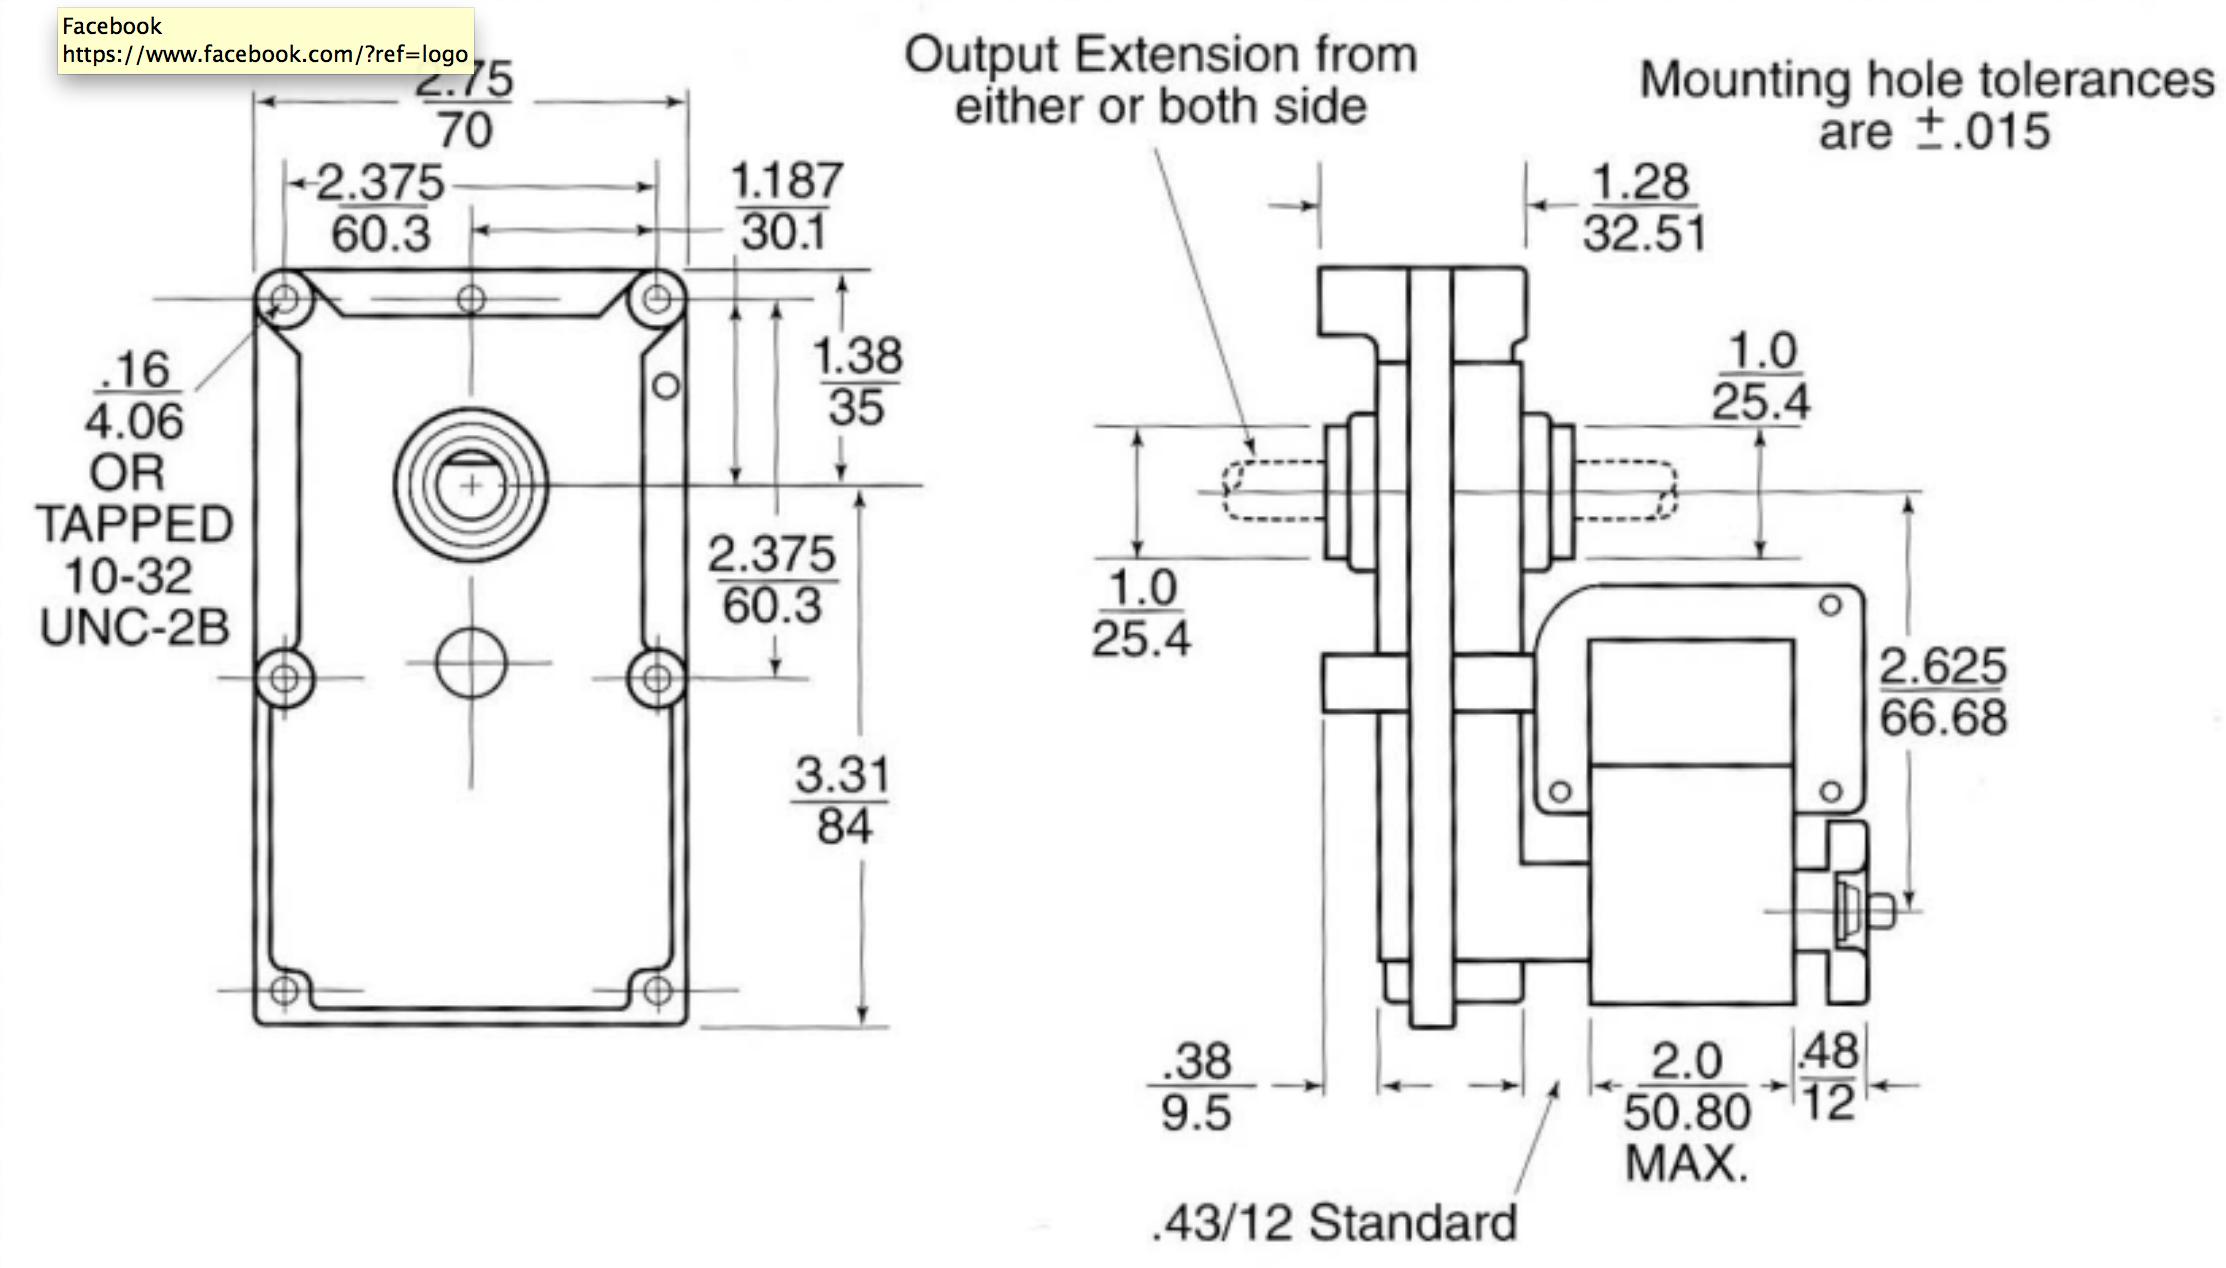 minka fan motor wiring diagram genteq fan motor wiring diagram shaded pole motor diagram - impremedia.net